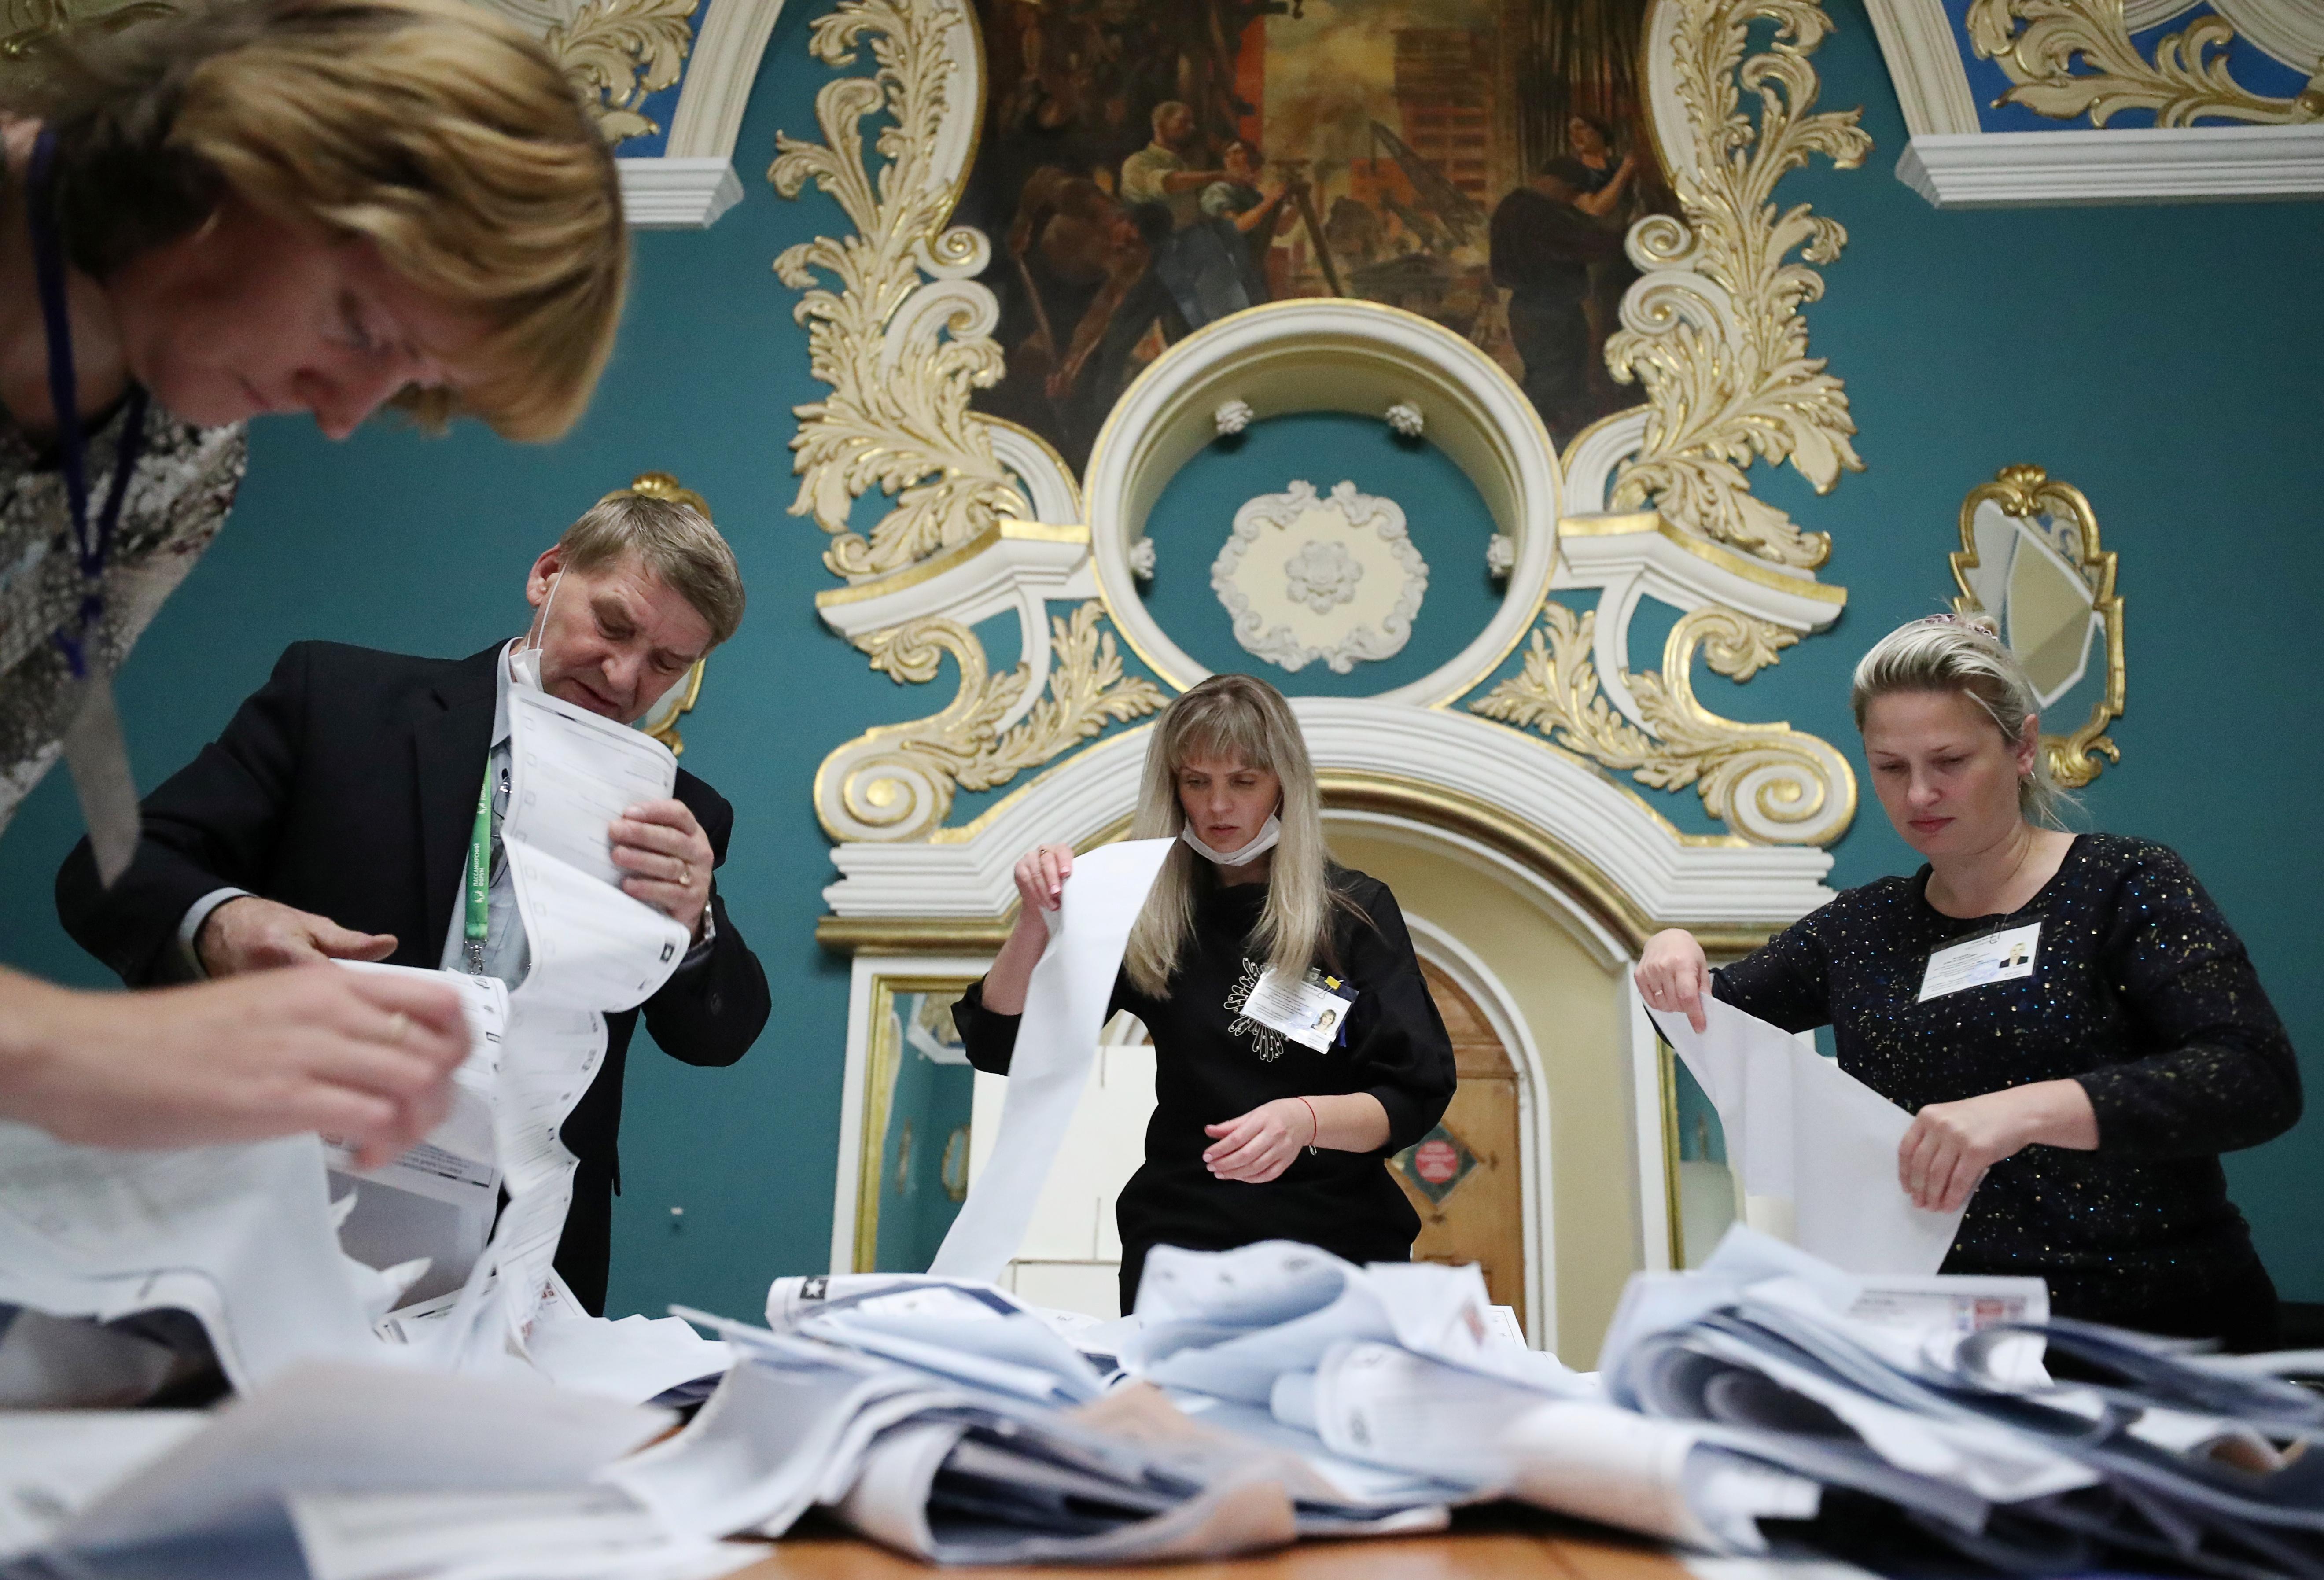 Lede van 'n plaaslike verkiesingskommissie tel stembriewe by 'n stemlokaal in die spoorwegterminal van Kazansky nadat die stembusse gesluit is tydens 'n parlementsverkiesing van drie dae in Moskou, Rusland, 19 September 2021. REUTERS/Evgenia Novozhenina